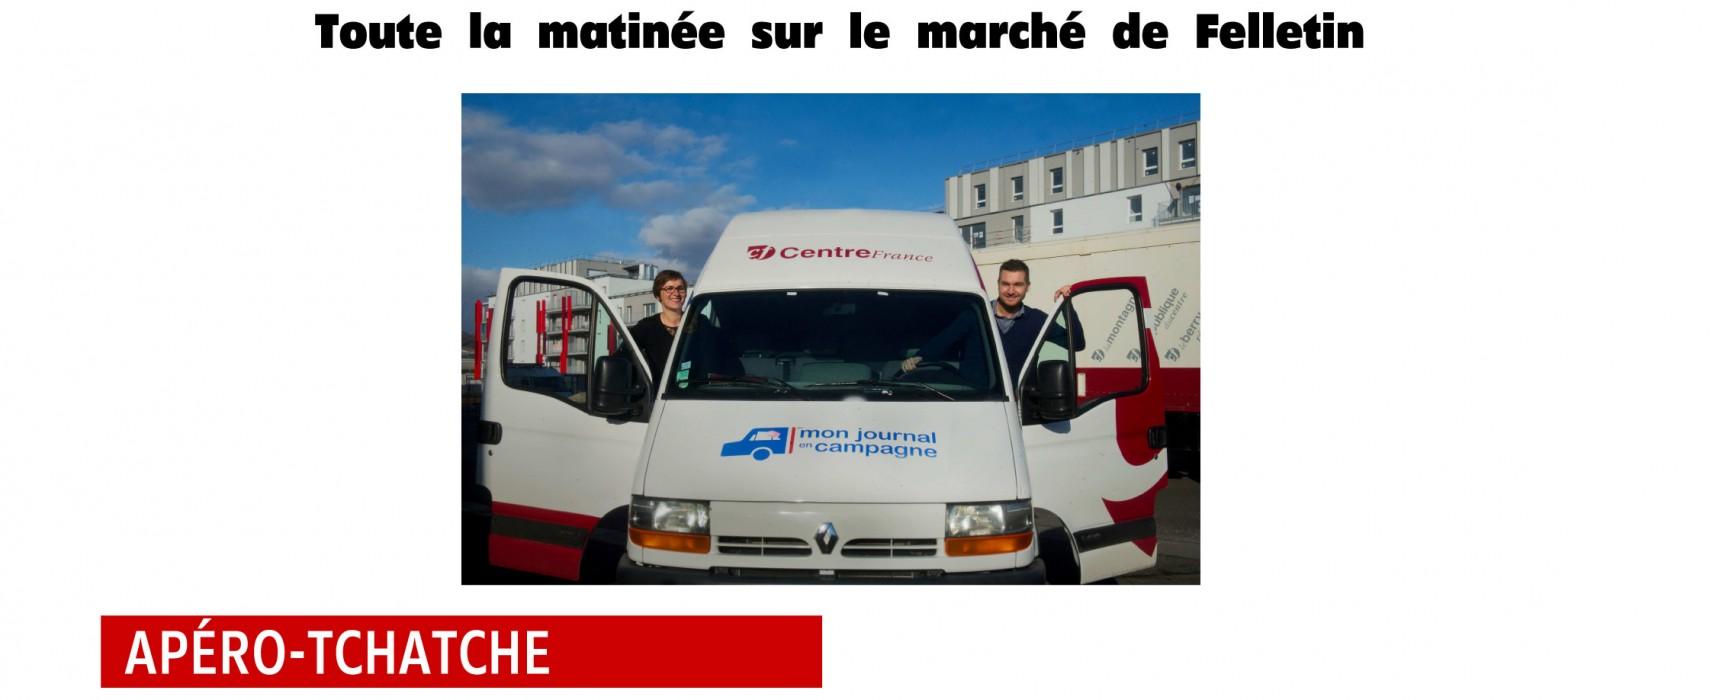 ApéroTchatche #MonJournalEnCampagne